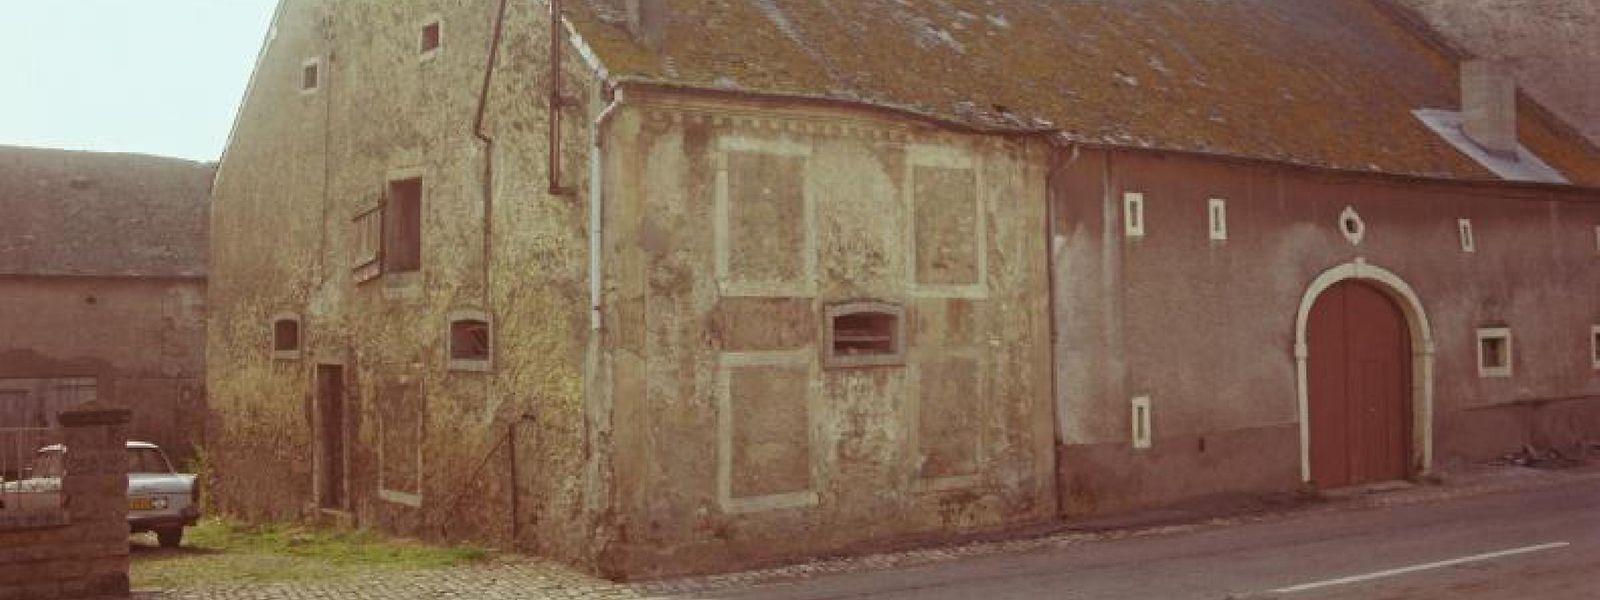 Edward Steichens Geburtshaus wurde in den 1980er-Jahren abgerissen.